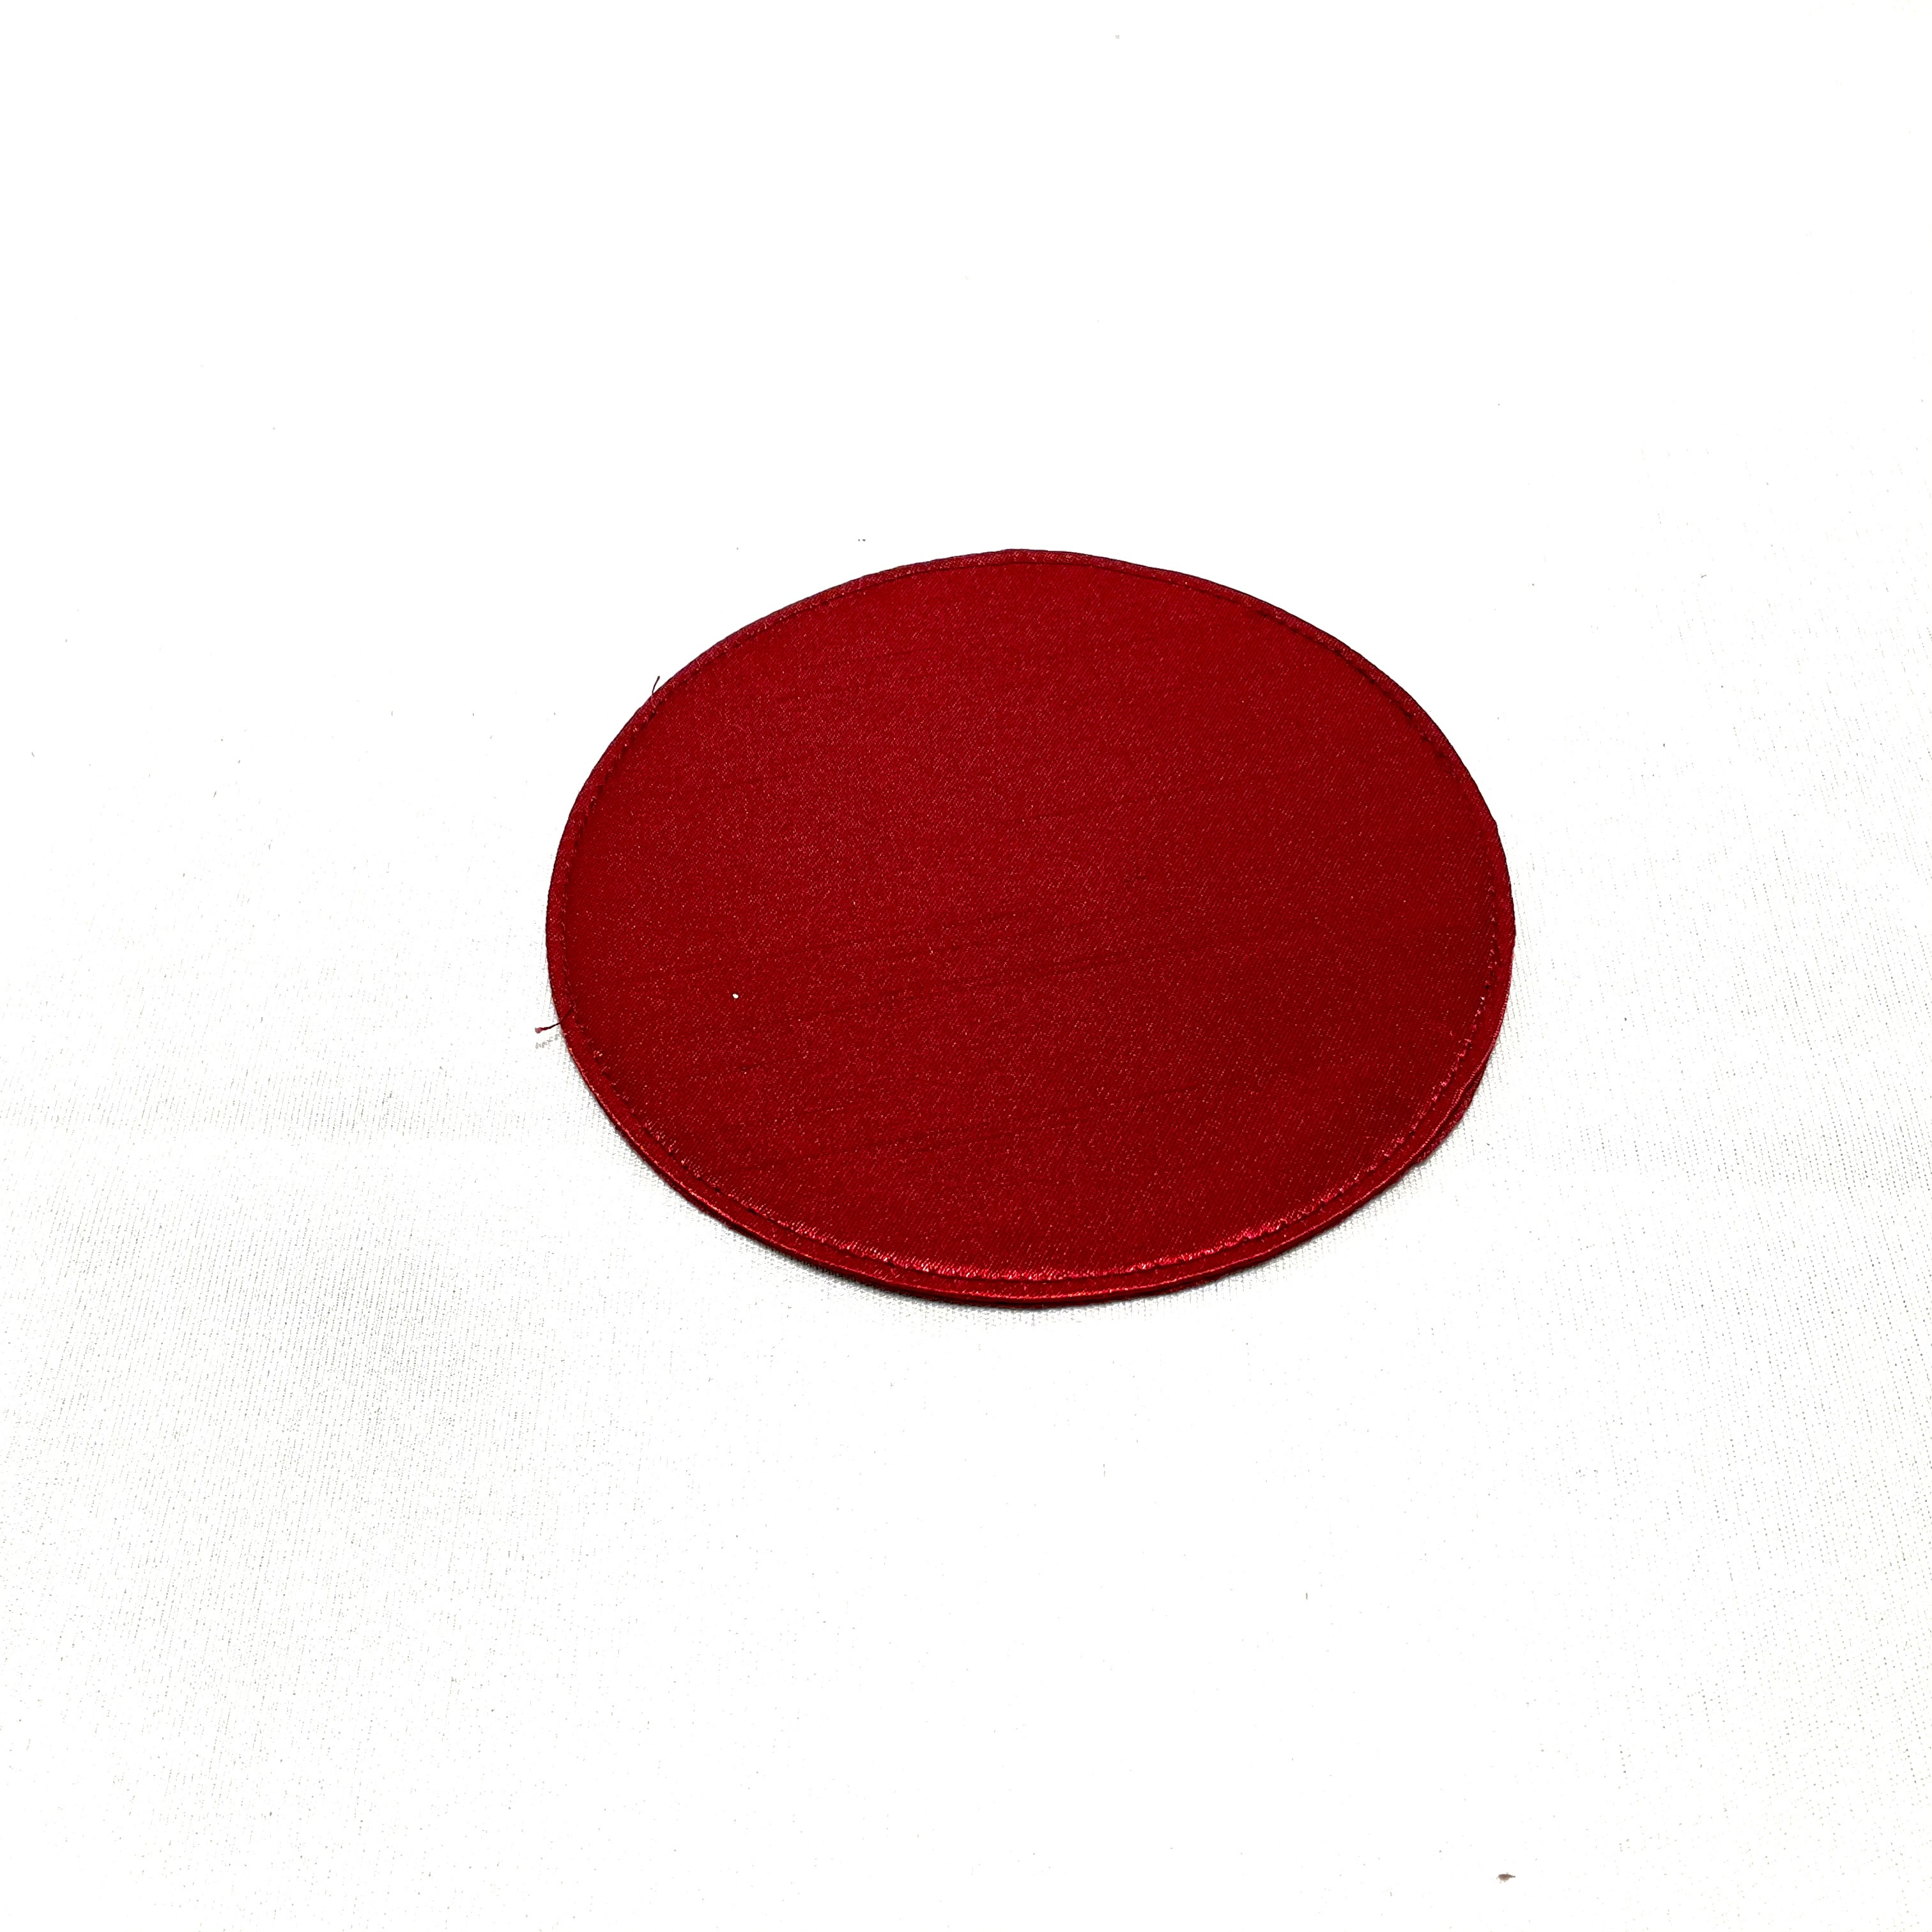 【ワーキングオフィス】布コースター・サークル(レッド・ゴールド・シルバー)IKI1461